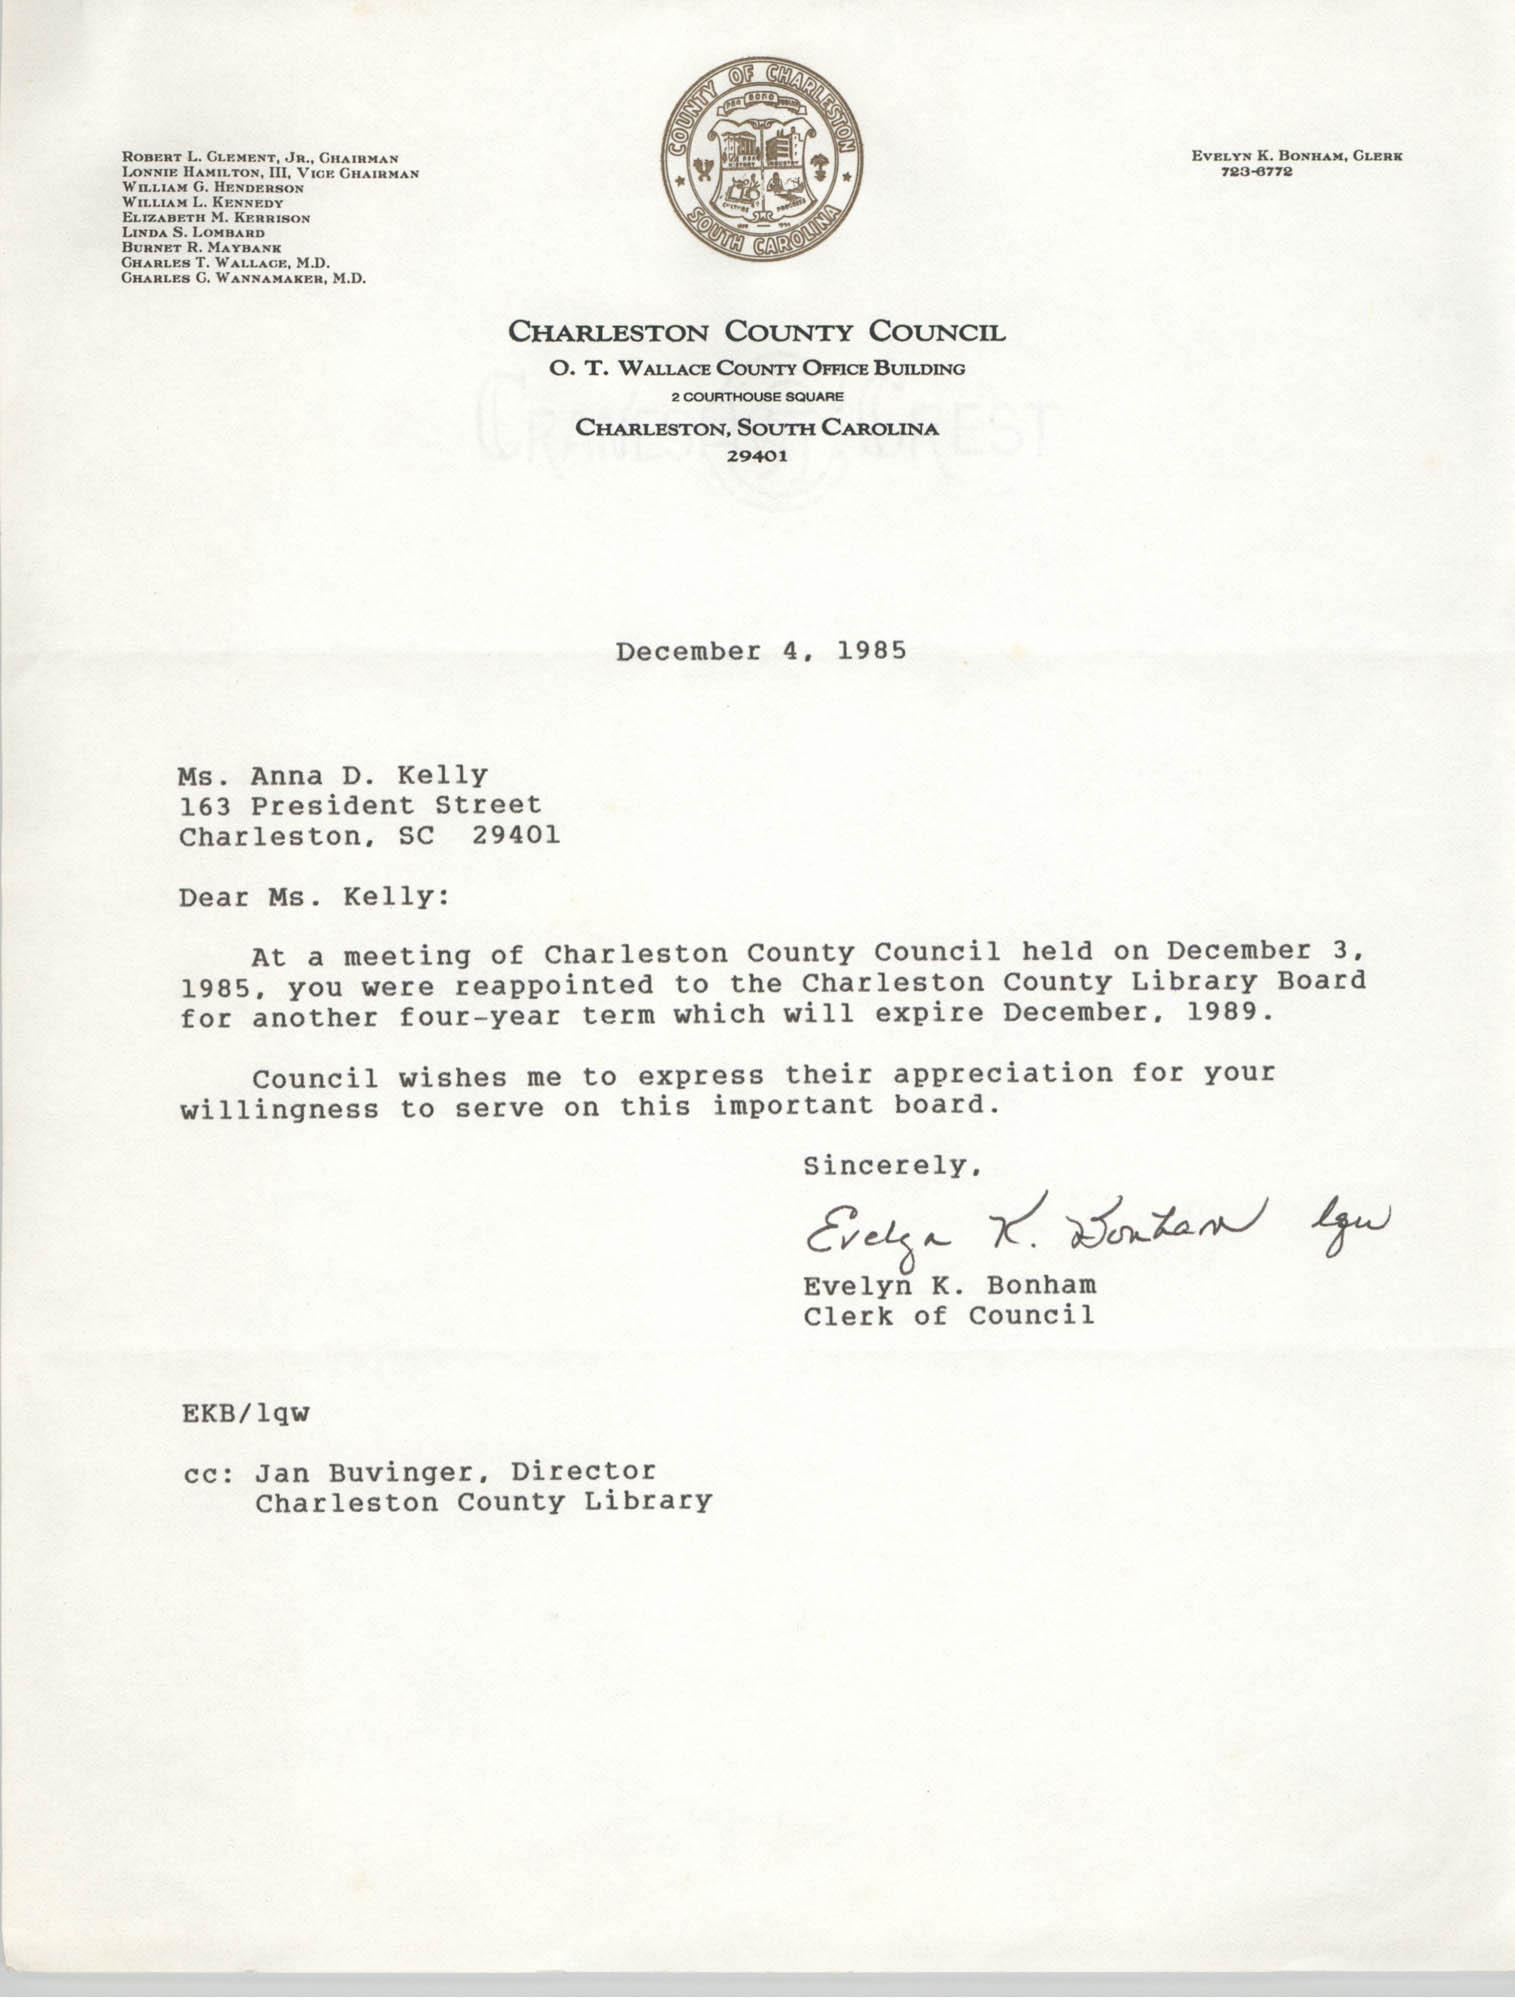 Letter from Evelyn K. Bonham to Anna D. Kelly, December 4, 1985